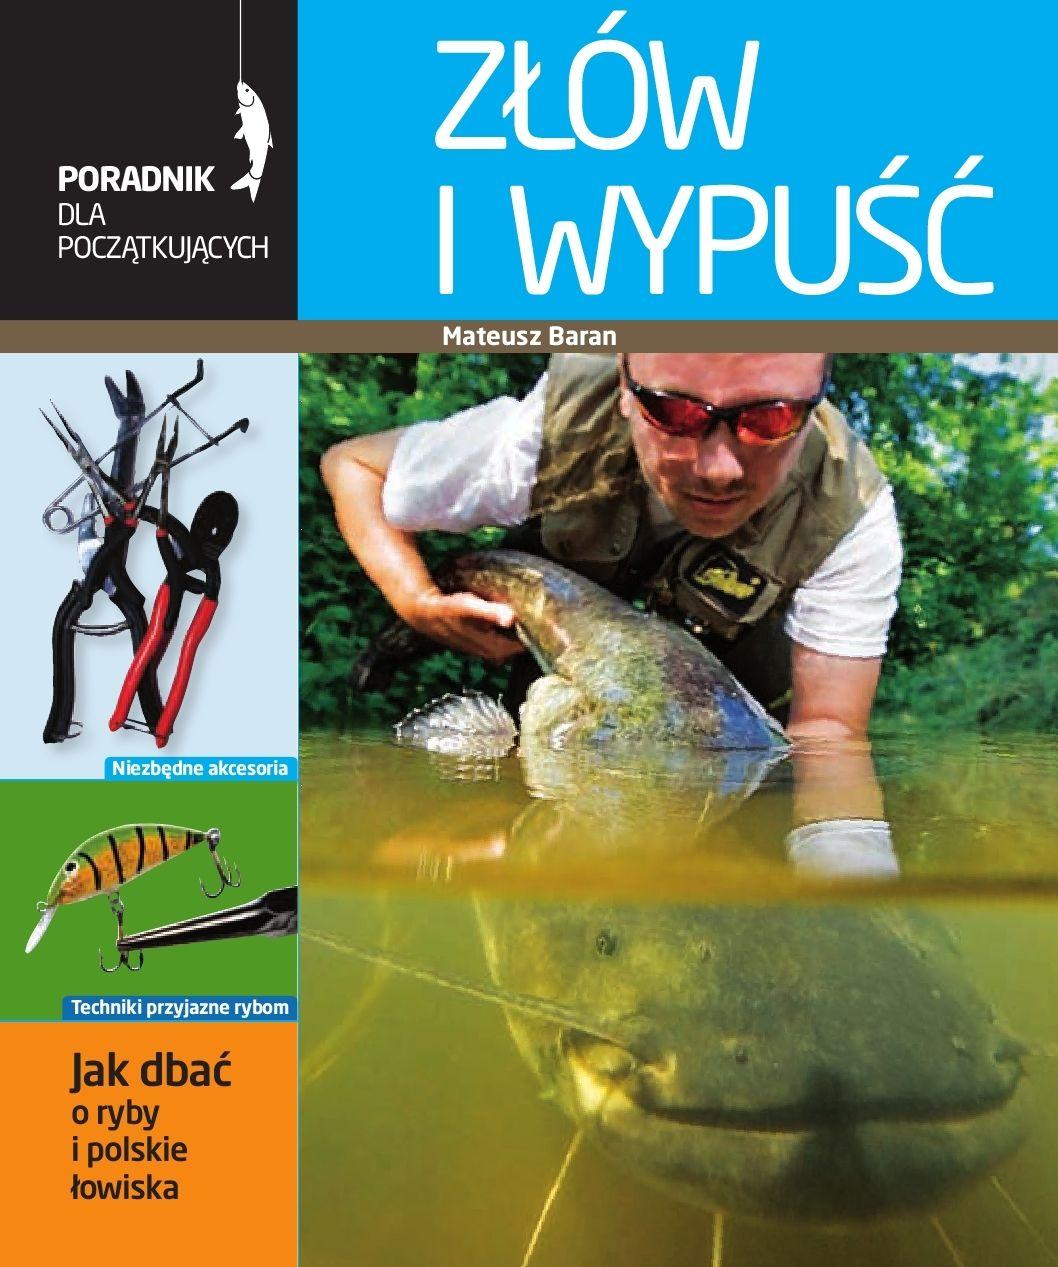 Złów i wypuść. Poradnik wędkarza - Ebook (Książka PDF) do pobrania w formacie PDF